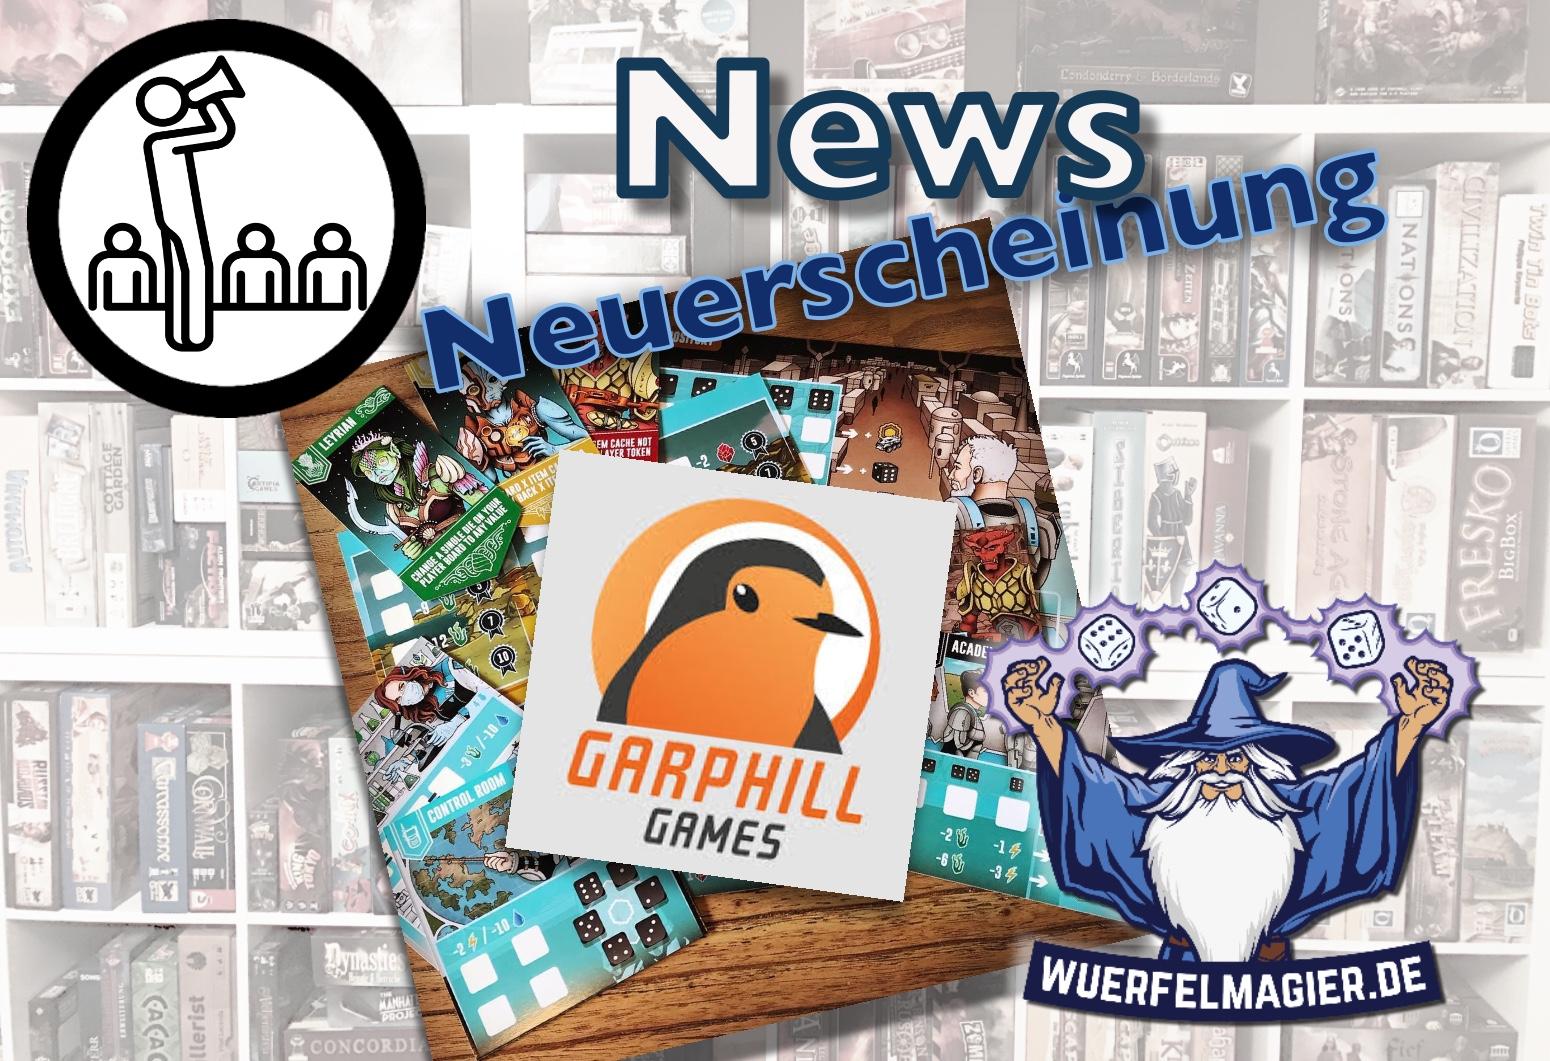 Garphill Games News Neuerscheinung Wuerfelmagier Würfelmagier